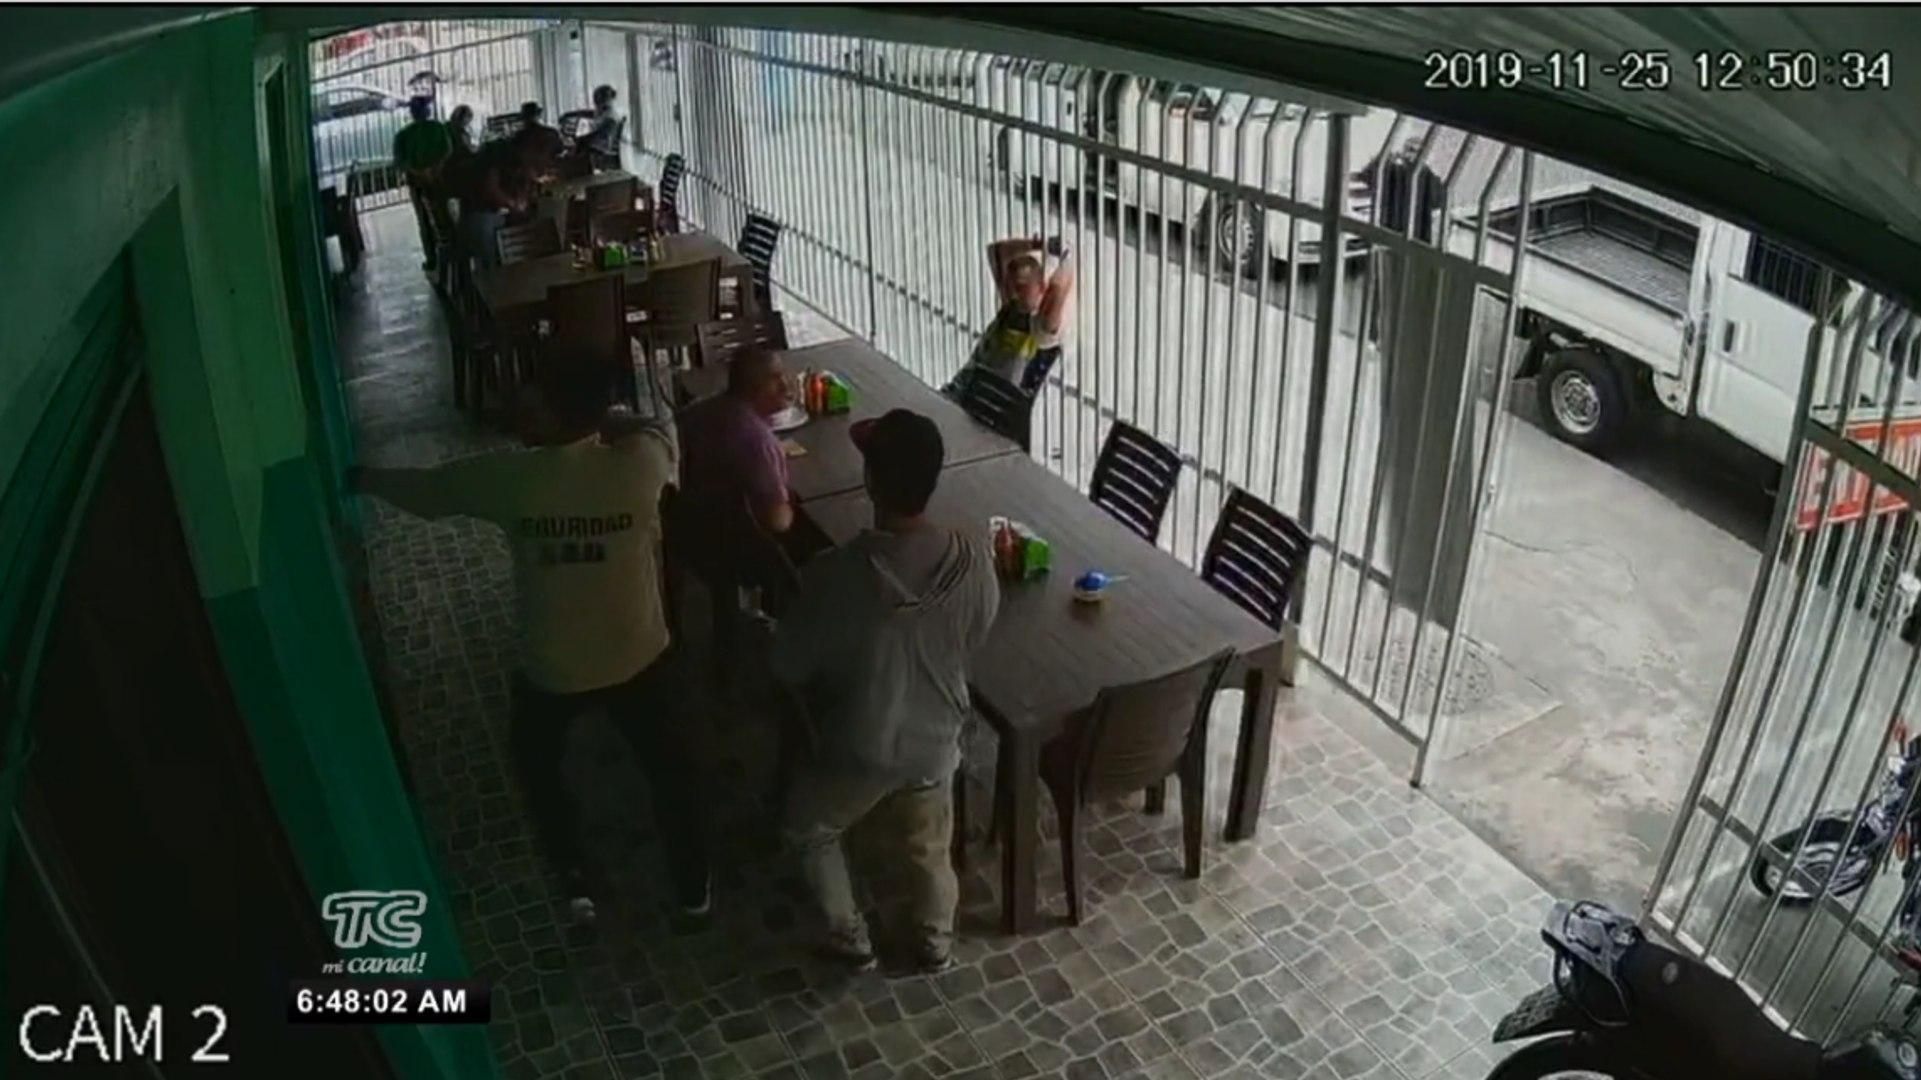 Se desarticula banda dedicada al robo a locales comerciales en Guayaquil